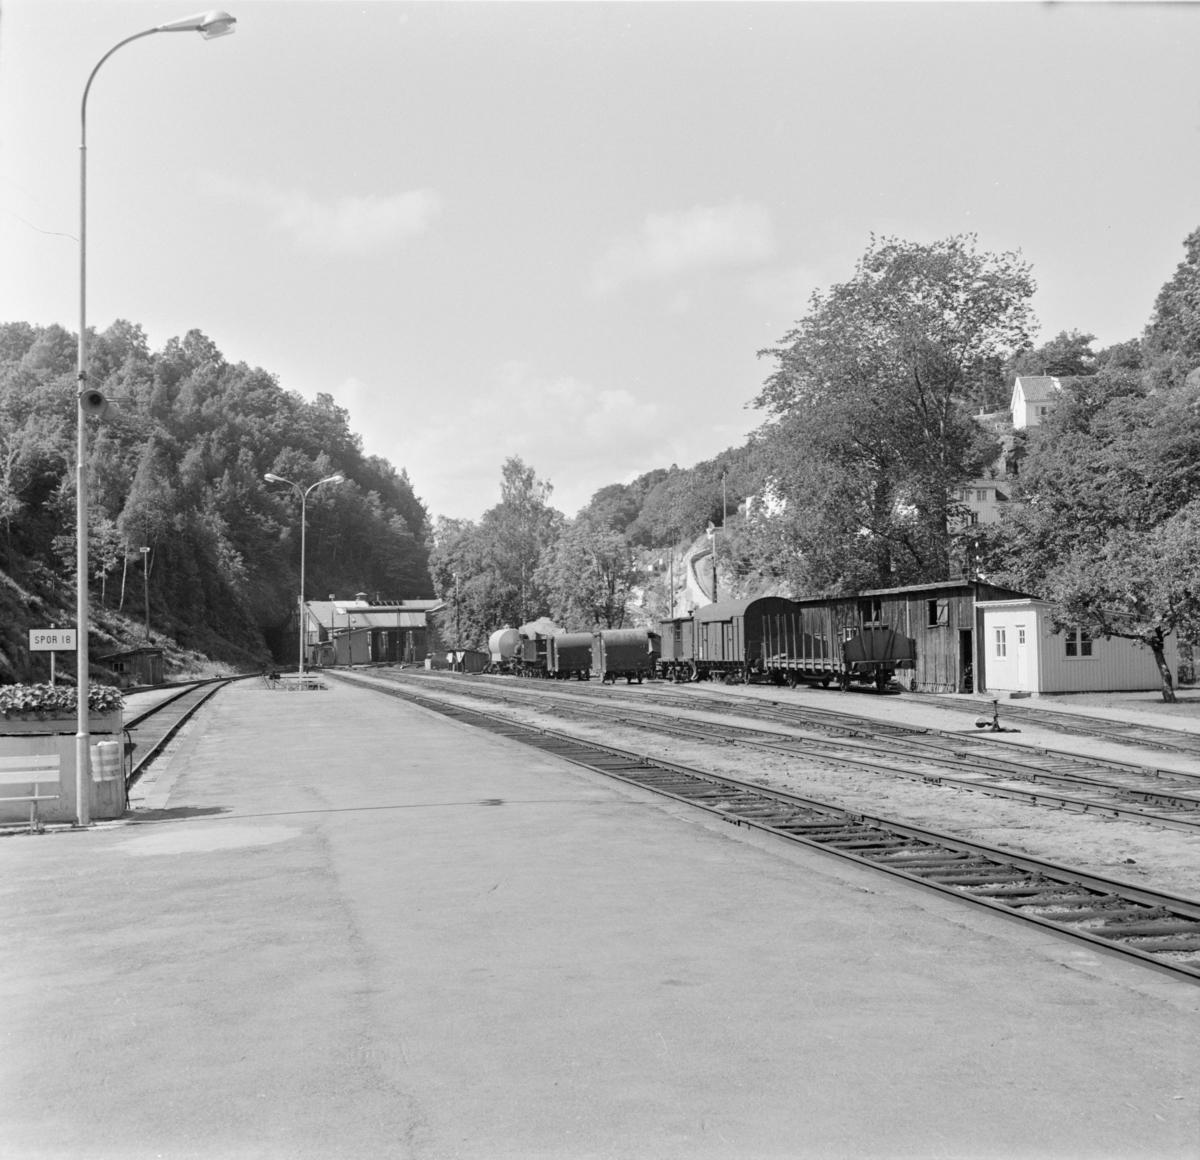 Stasjonsområdet i Arendal med lokomotivstallen i bakgrunnen.